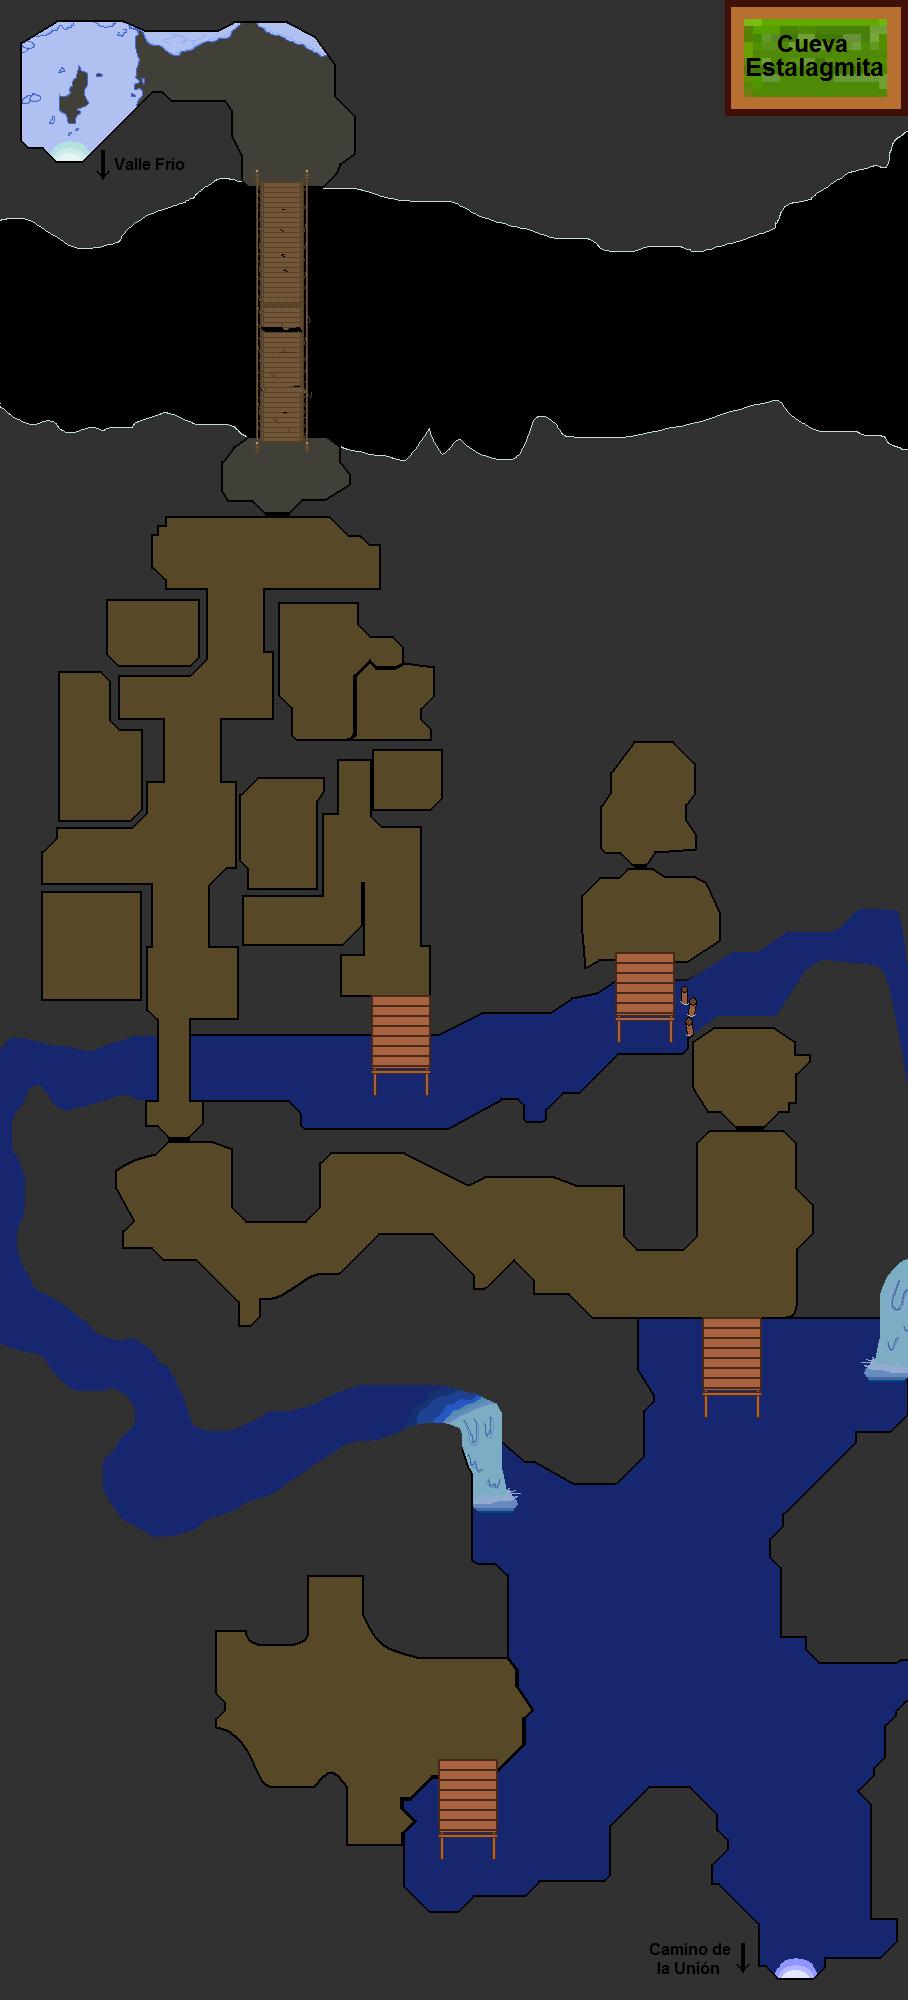 Plano de la Cueva Estalagmita.